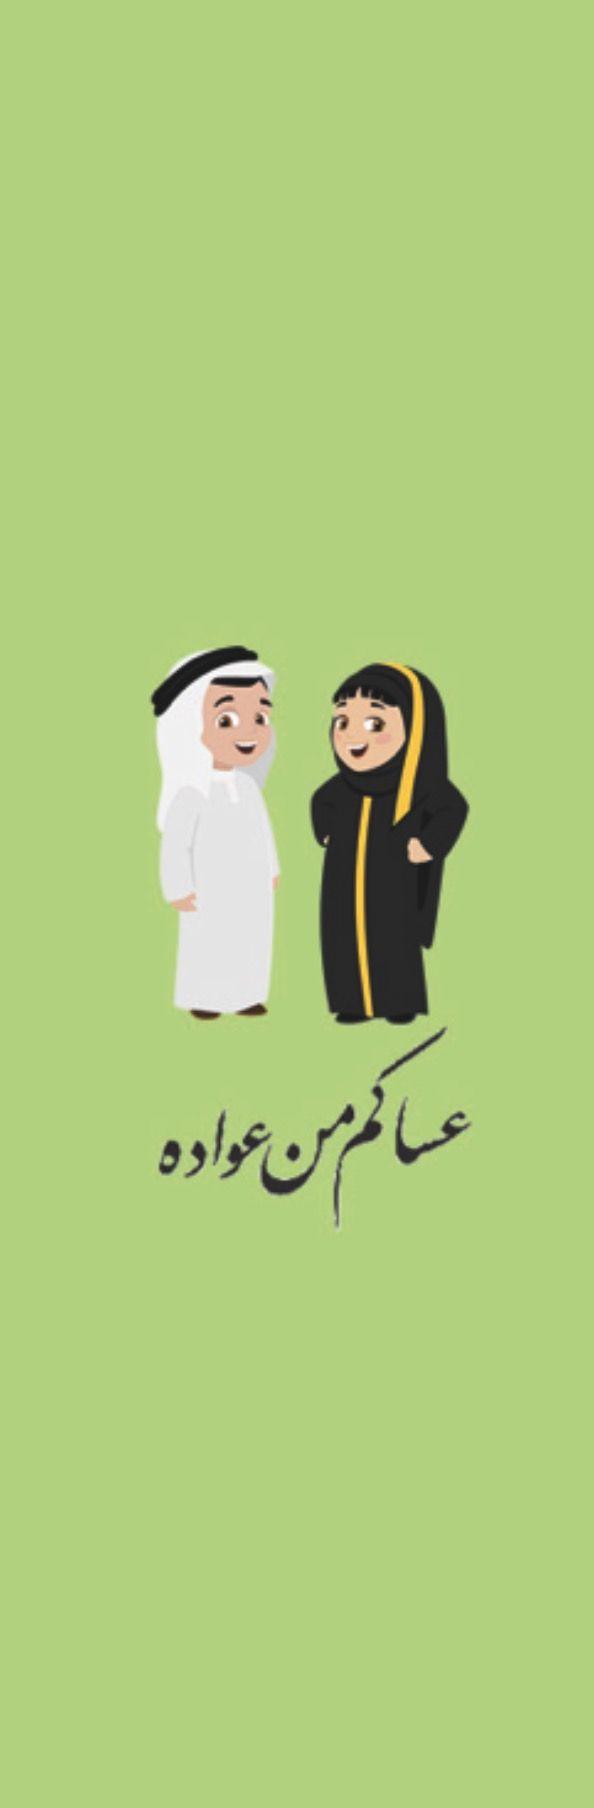 Umrah Banner: Happy Eid Mubarak, Eid Mubark, Eid